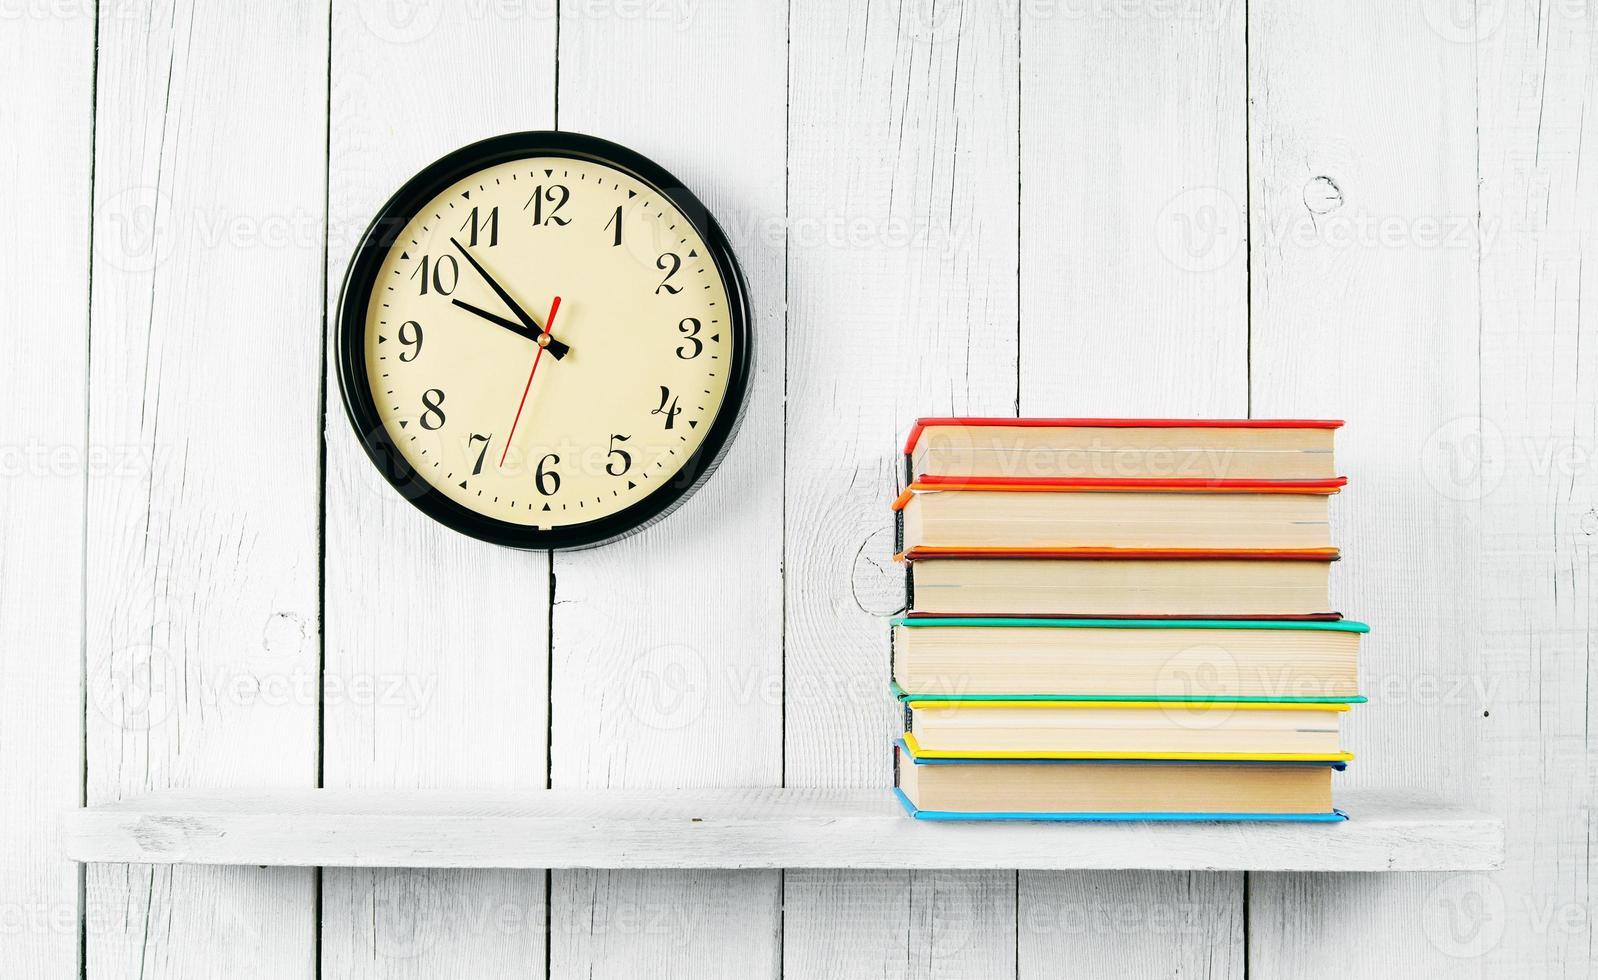 horloges en boeken op een houten plank. foto